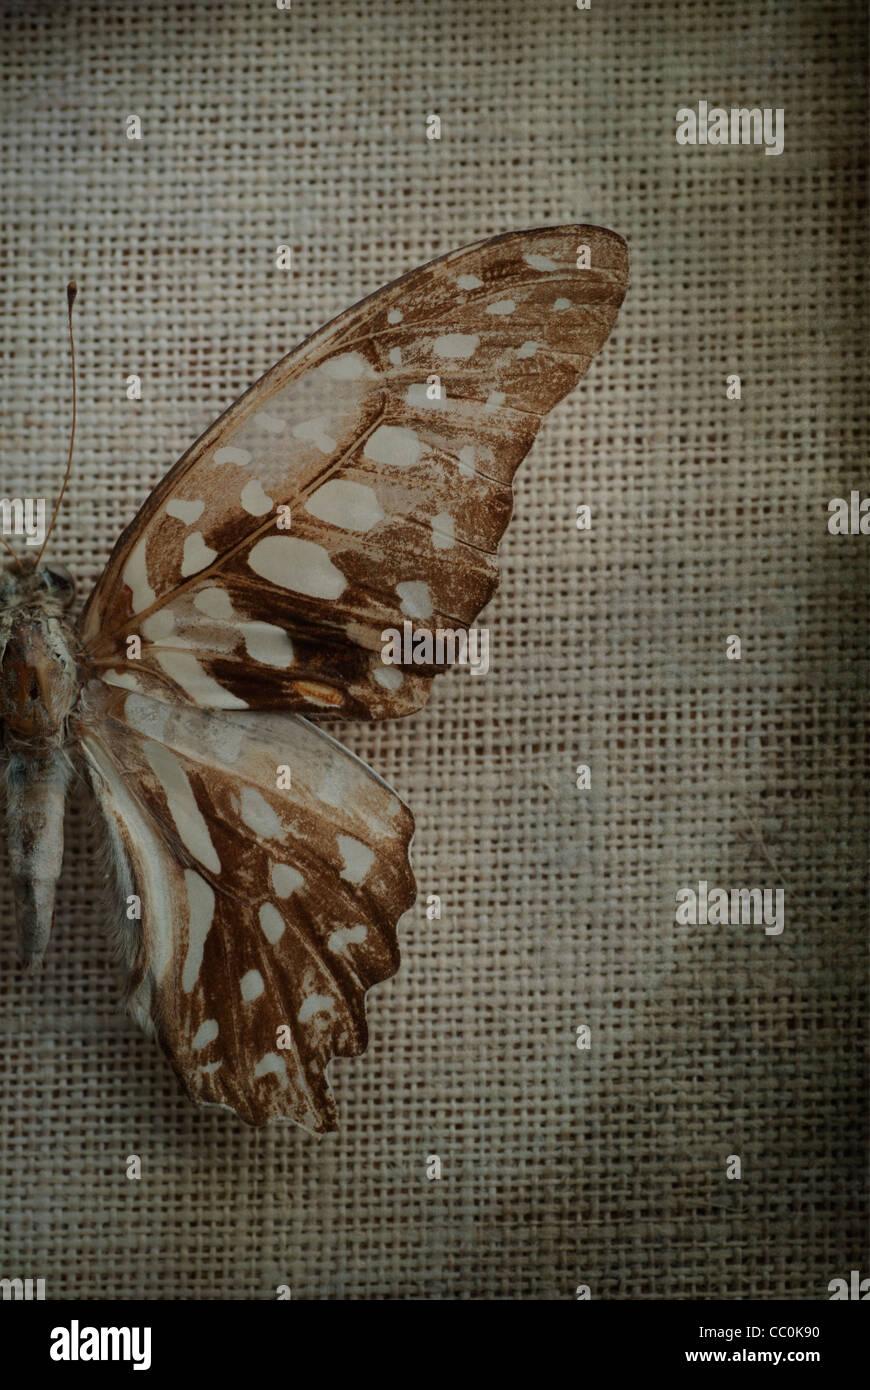 Detail eines trockenen Schmetterlingsflügels Stockbild